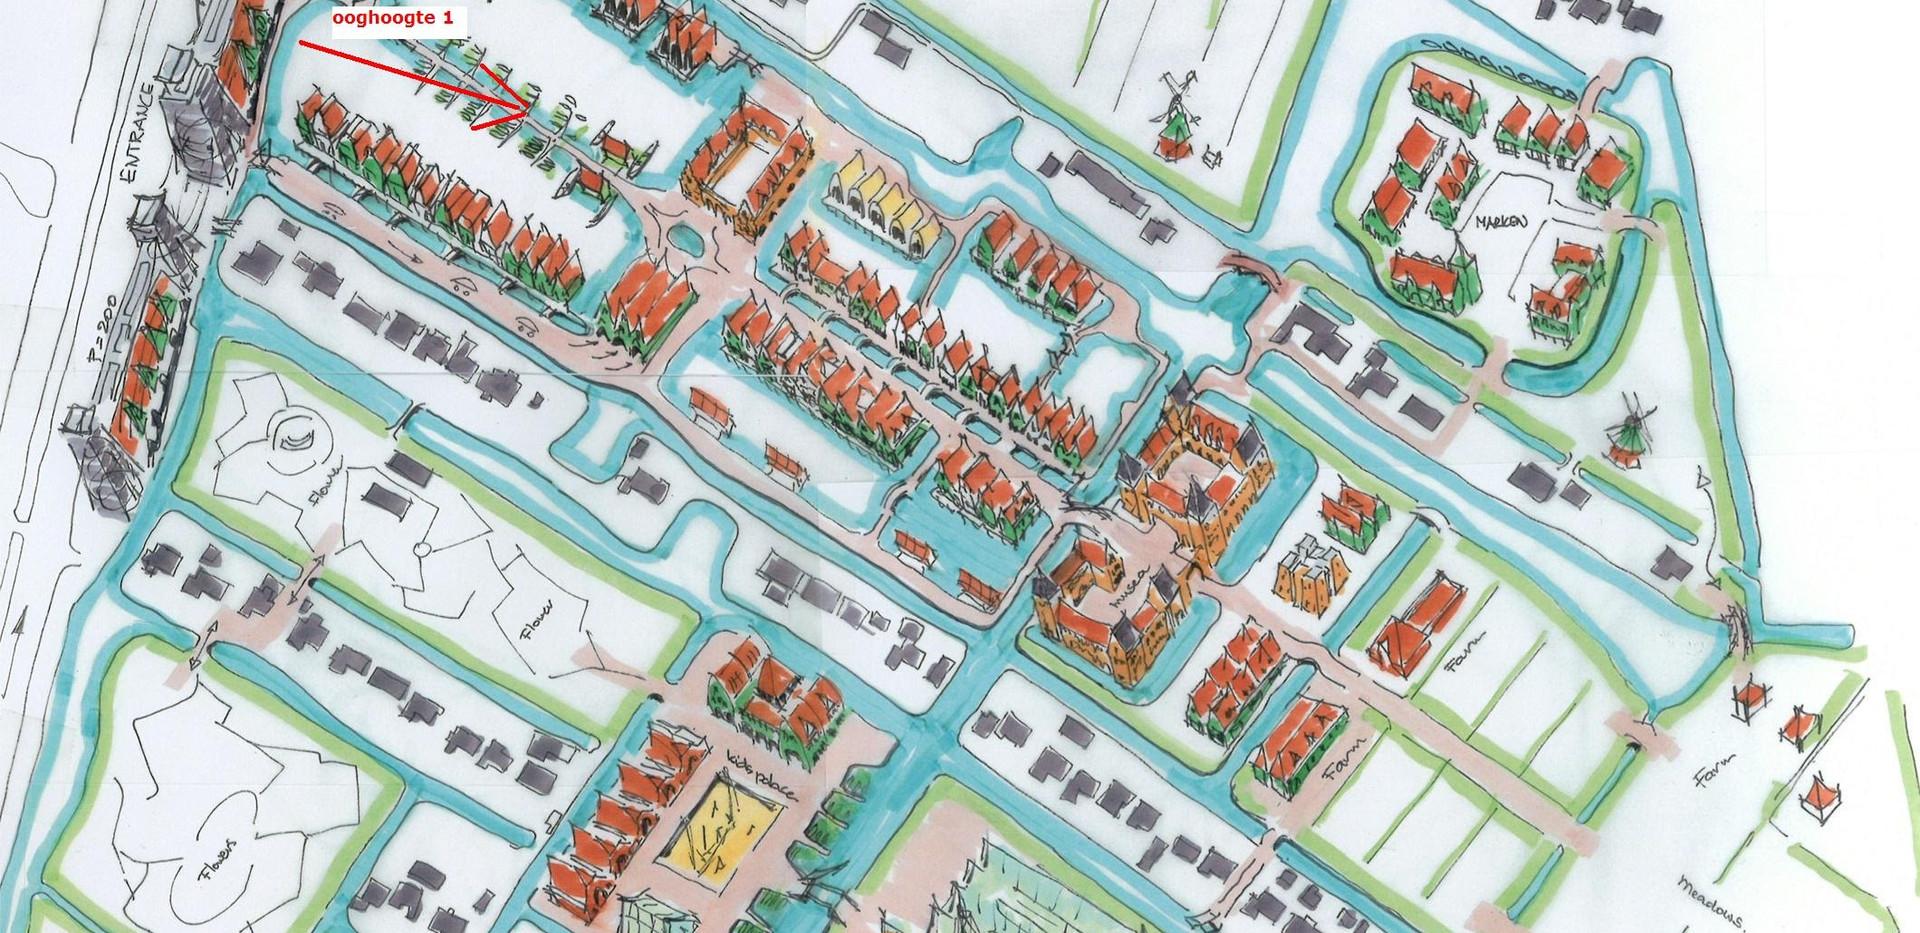 holland village 2 zichtpunten ca ooghoog